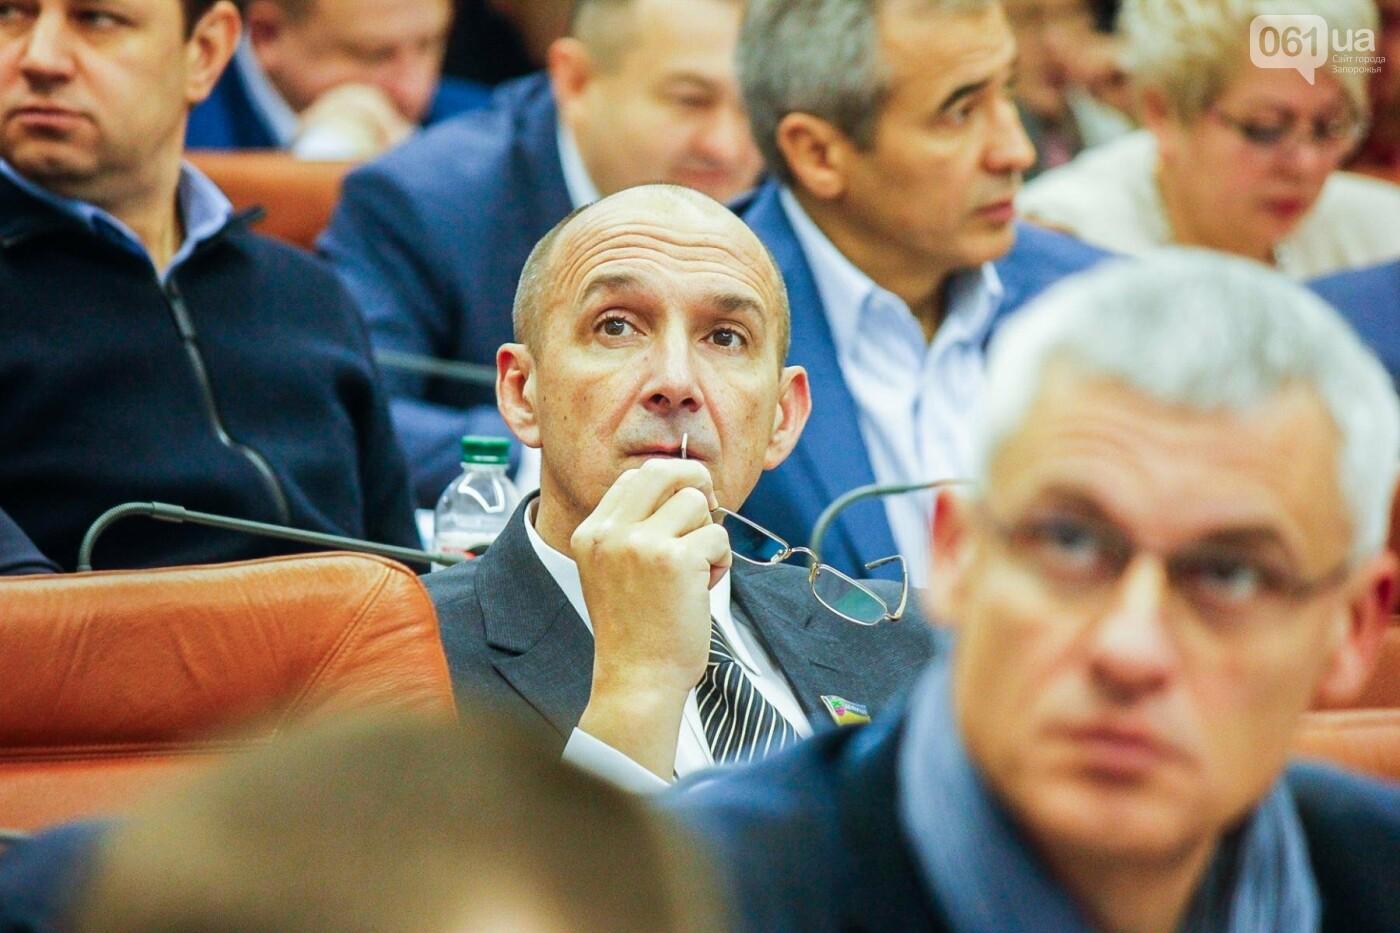 Сессия запорожского горсовета в лицах, - ФОТОРЕПОРТАЖ, фото-20